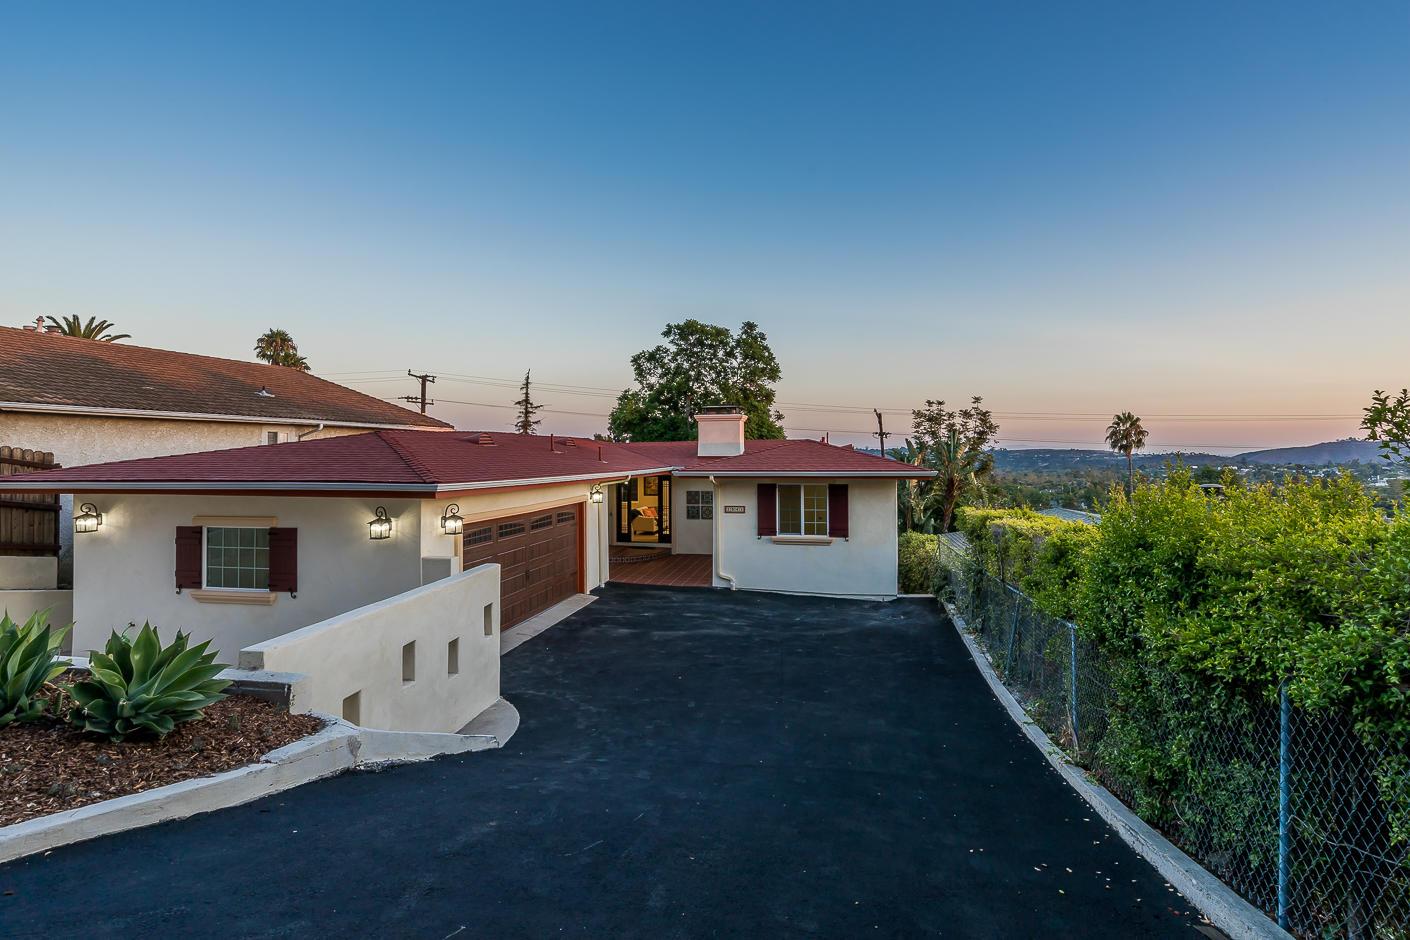 Property photo for 2941 Glen Albyn Dr Santa Barbara, California 93105 - 17-2852